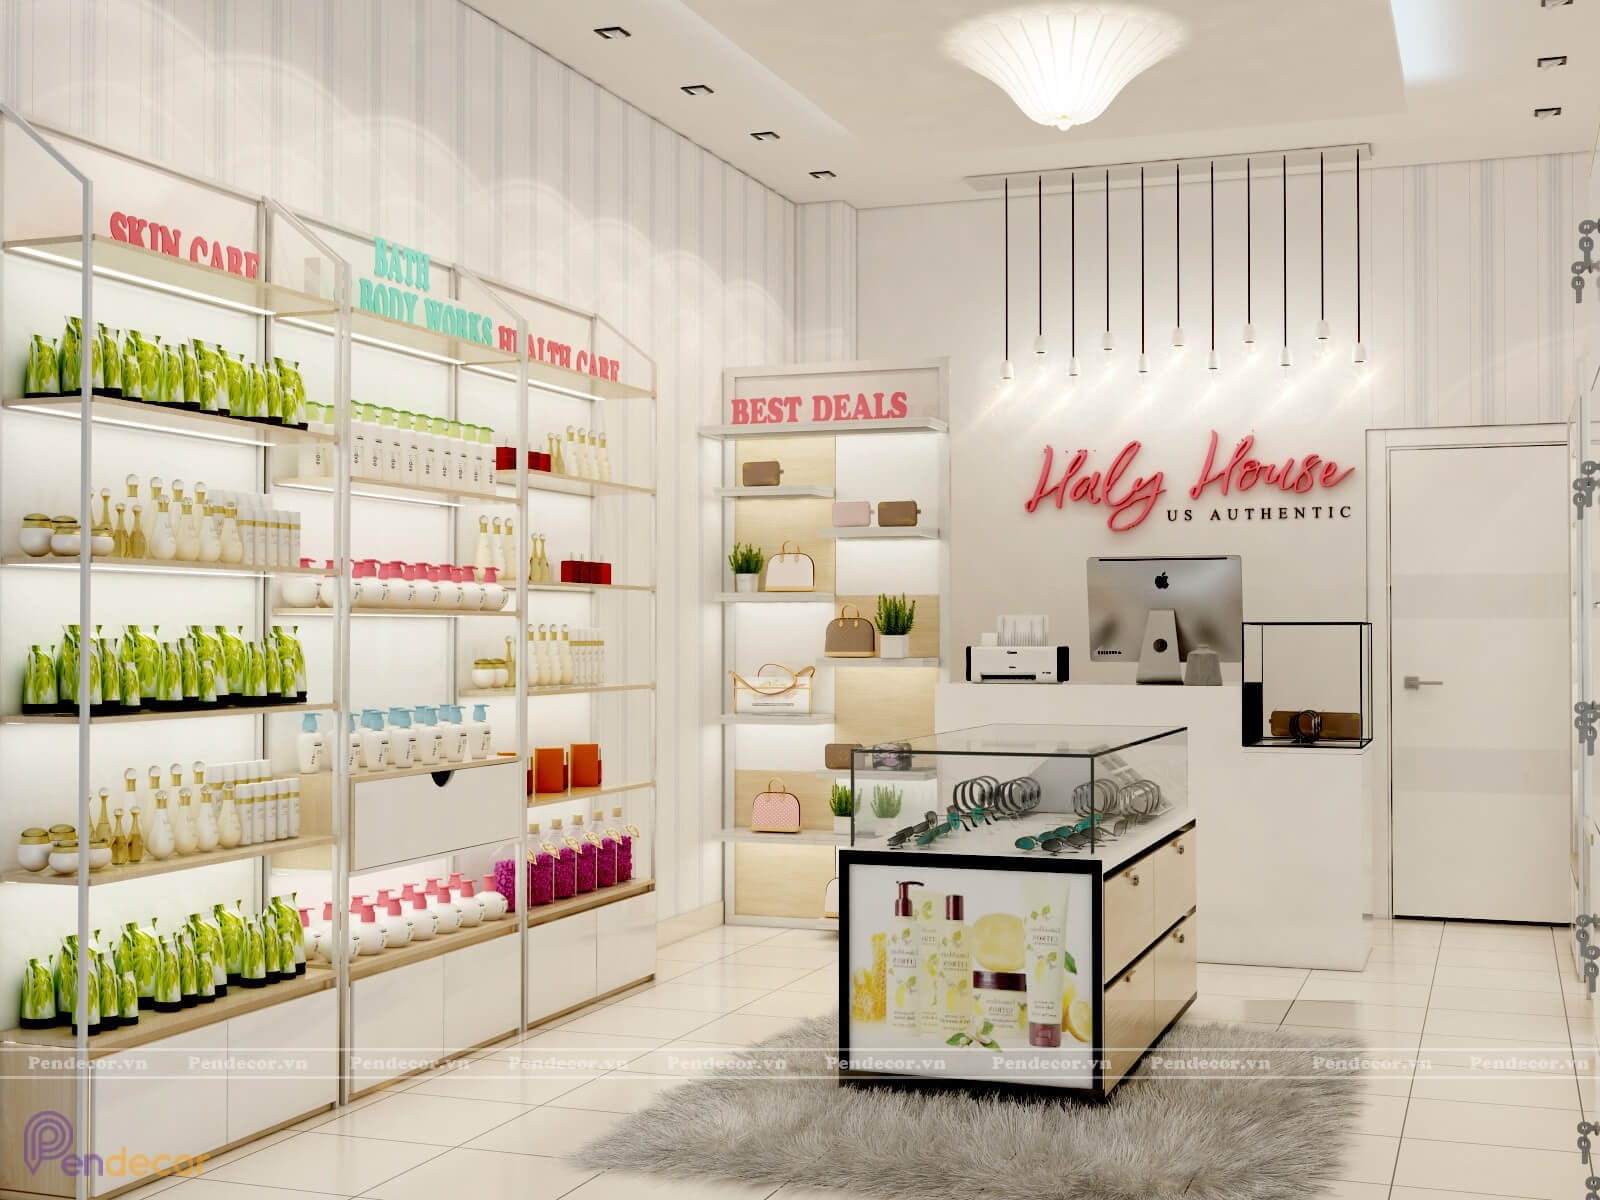 mẫu thiết kế nội thất cửa hàng hiện đại